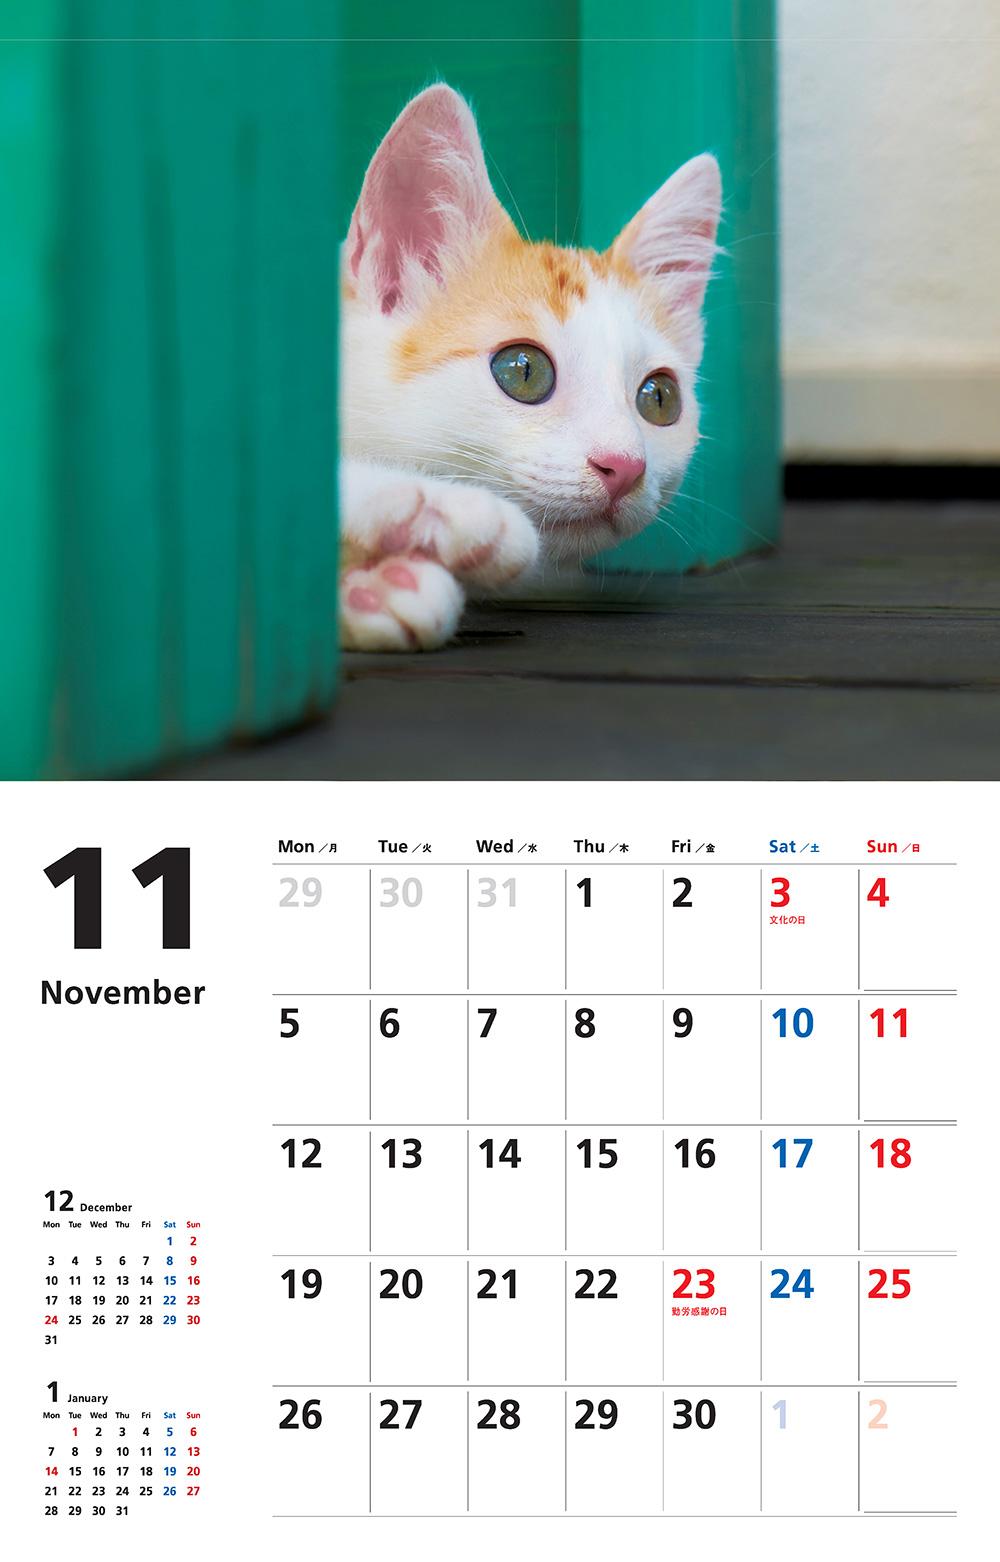 カレンダー2018 ねこ時間